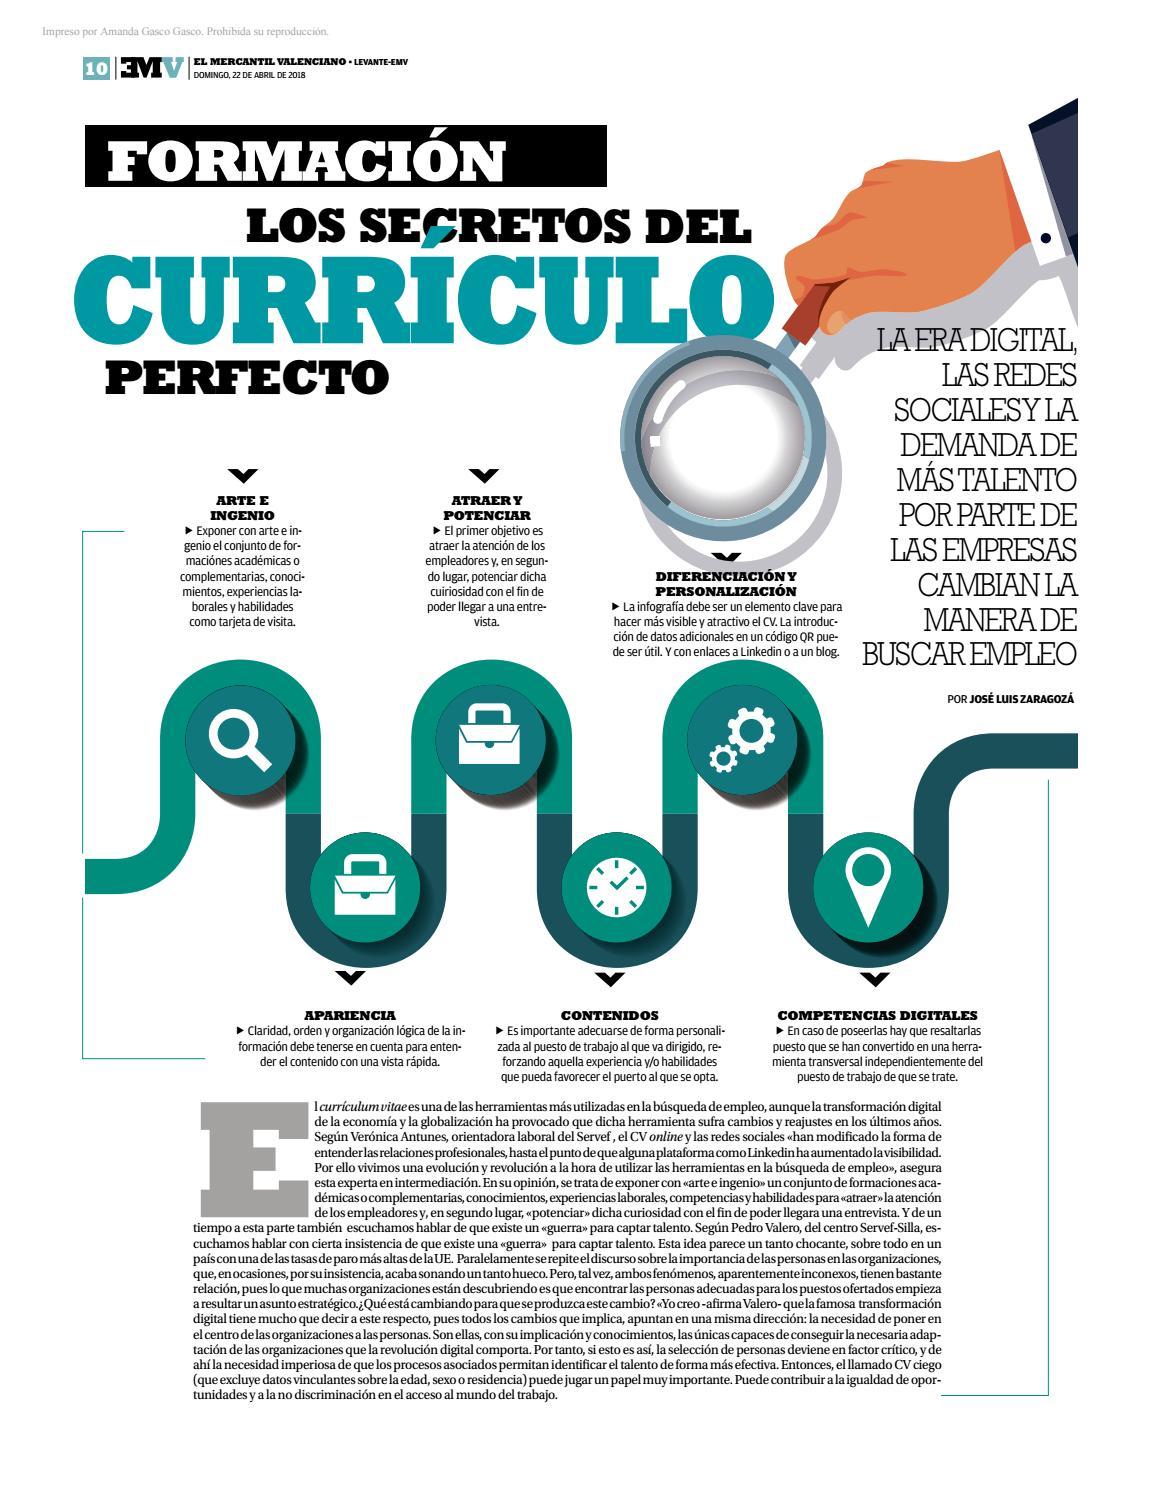 Los secretos del currículo prefecto by GVA Servef - issuu